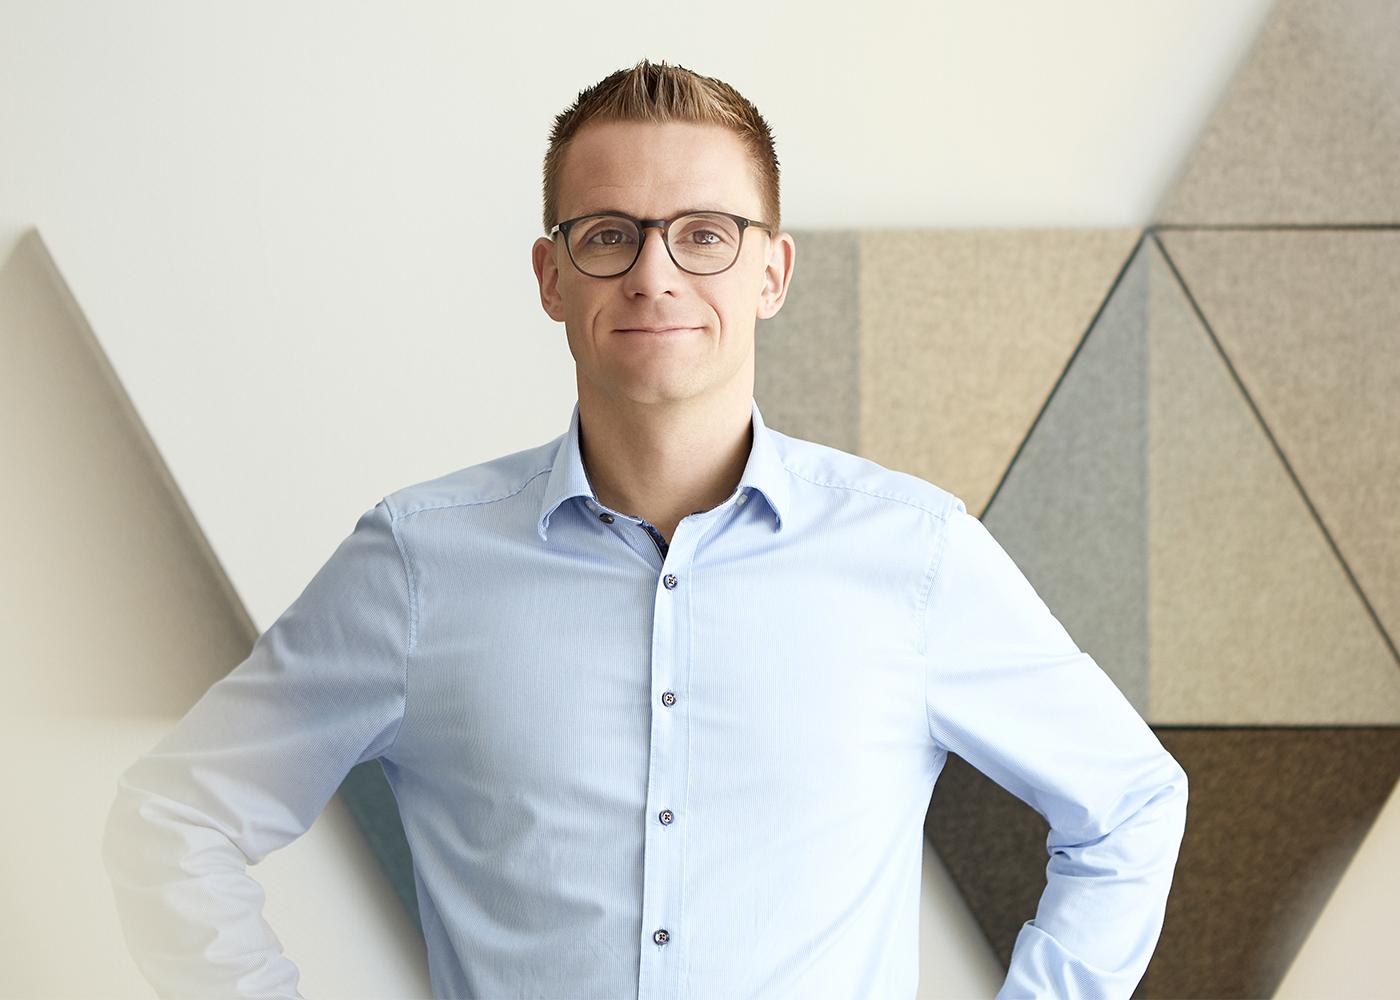 Geschäftsführer Klaus Raab | Raab IT Systemhaus – seit 1988 in Gerstetten | designQUARTIER | Foto: Florian Thierer